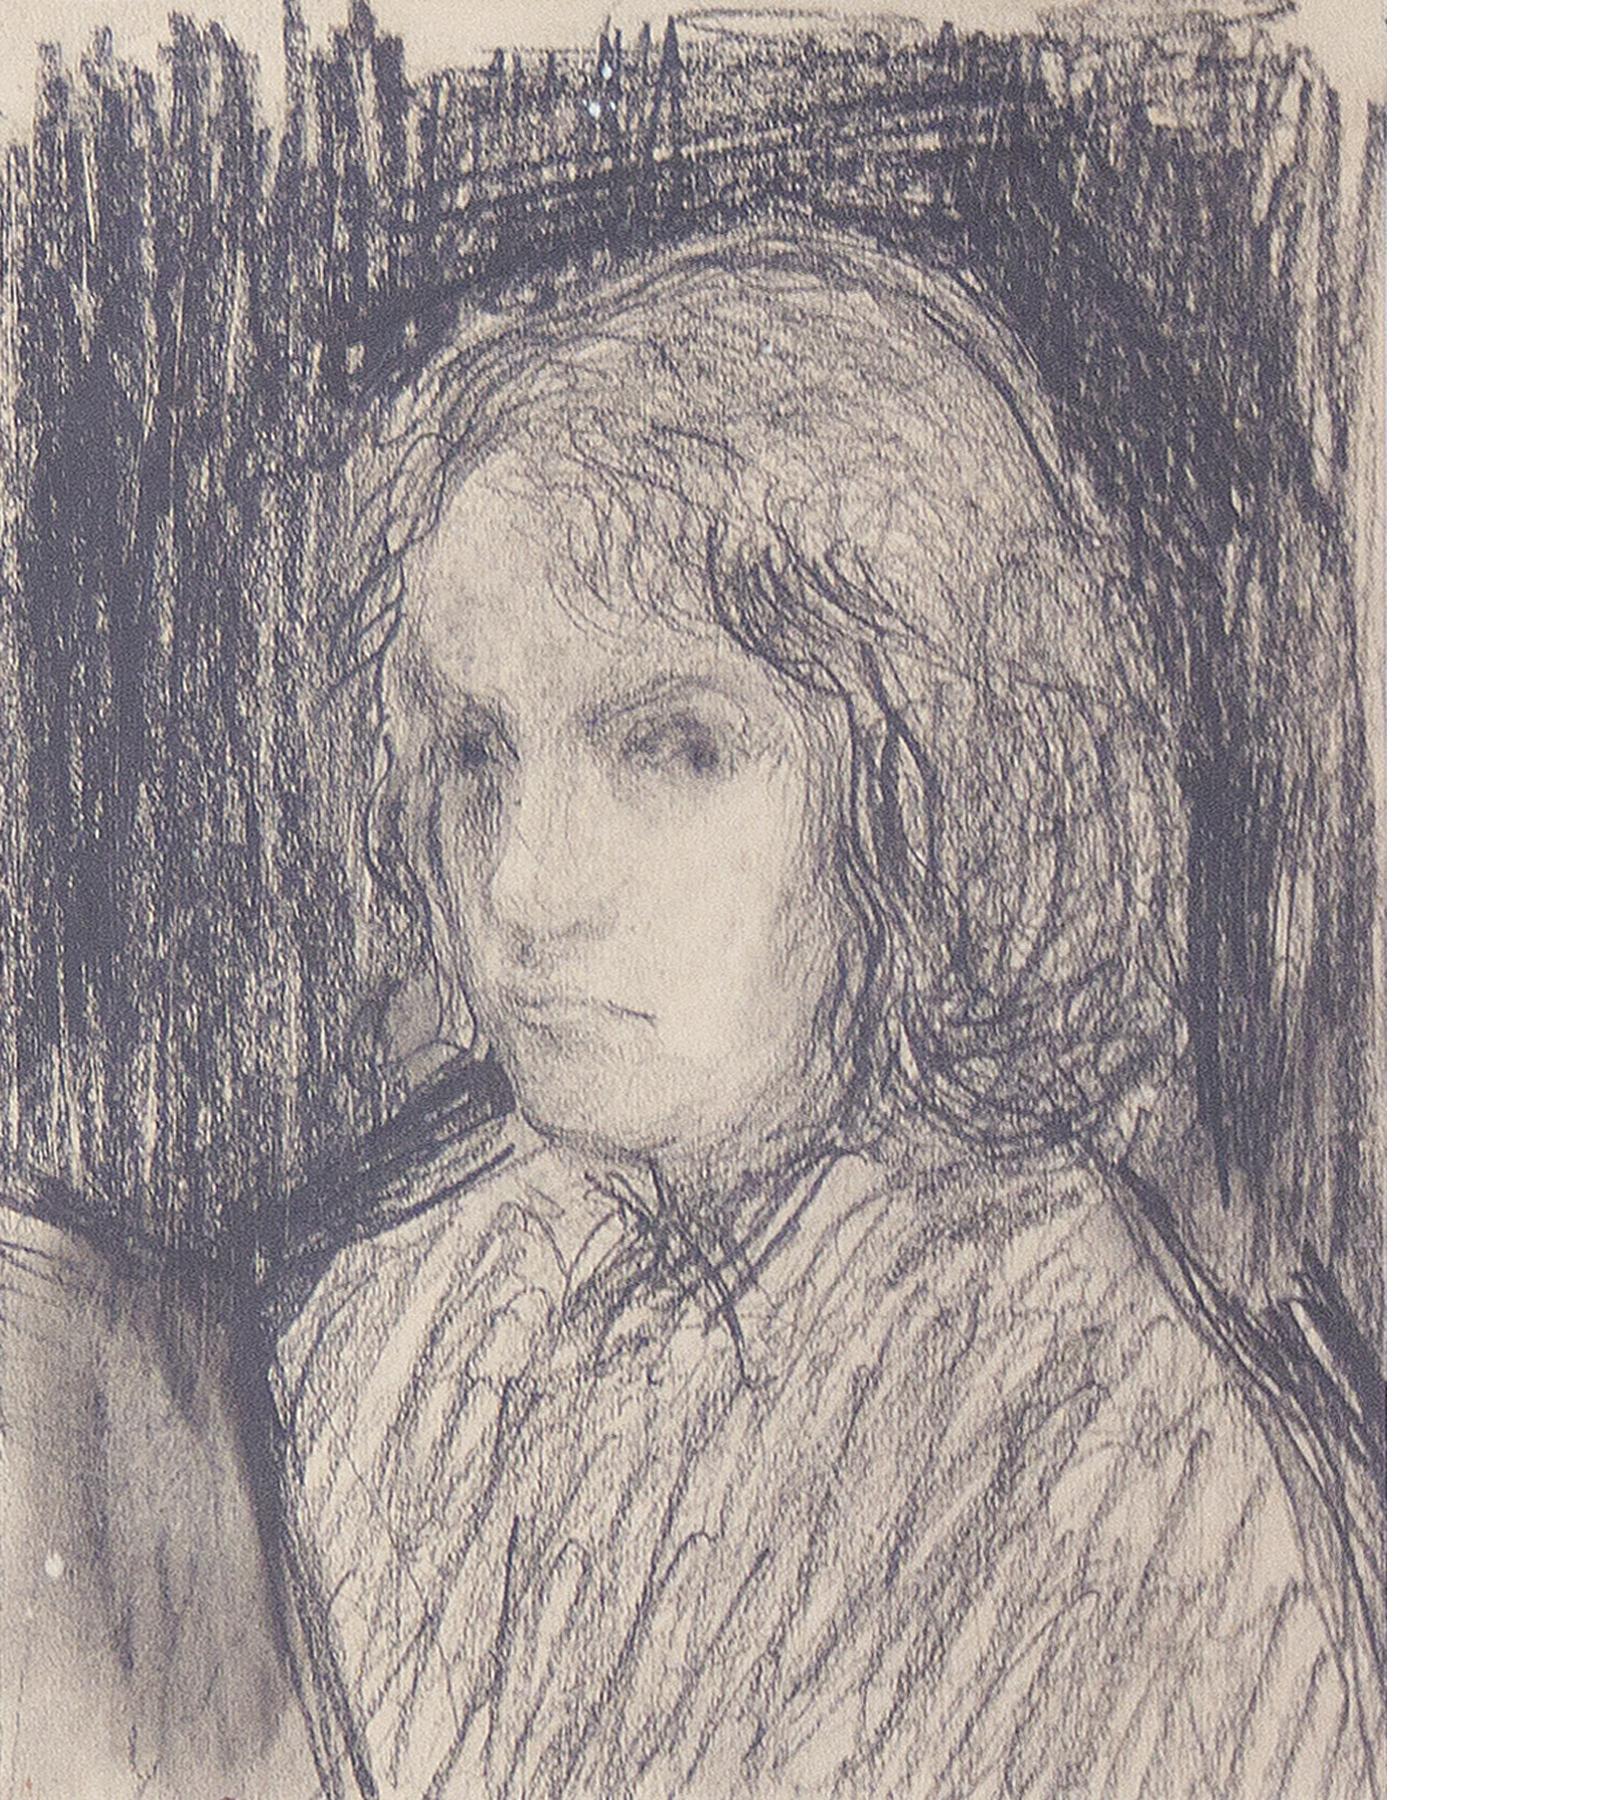 Szemtanúk –Traumaábrázolások a Magyar Zsidó Múzeum és Levéltár gyűjteményéből   Szombat Online